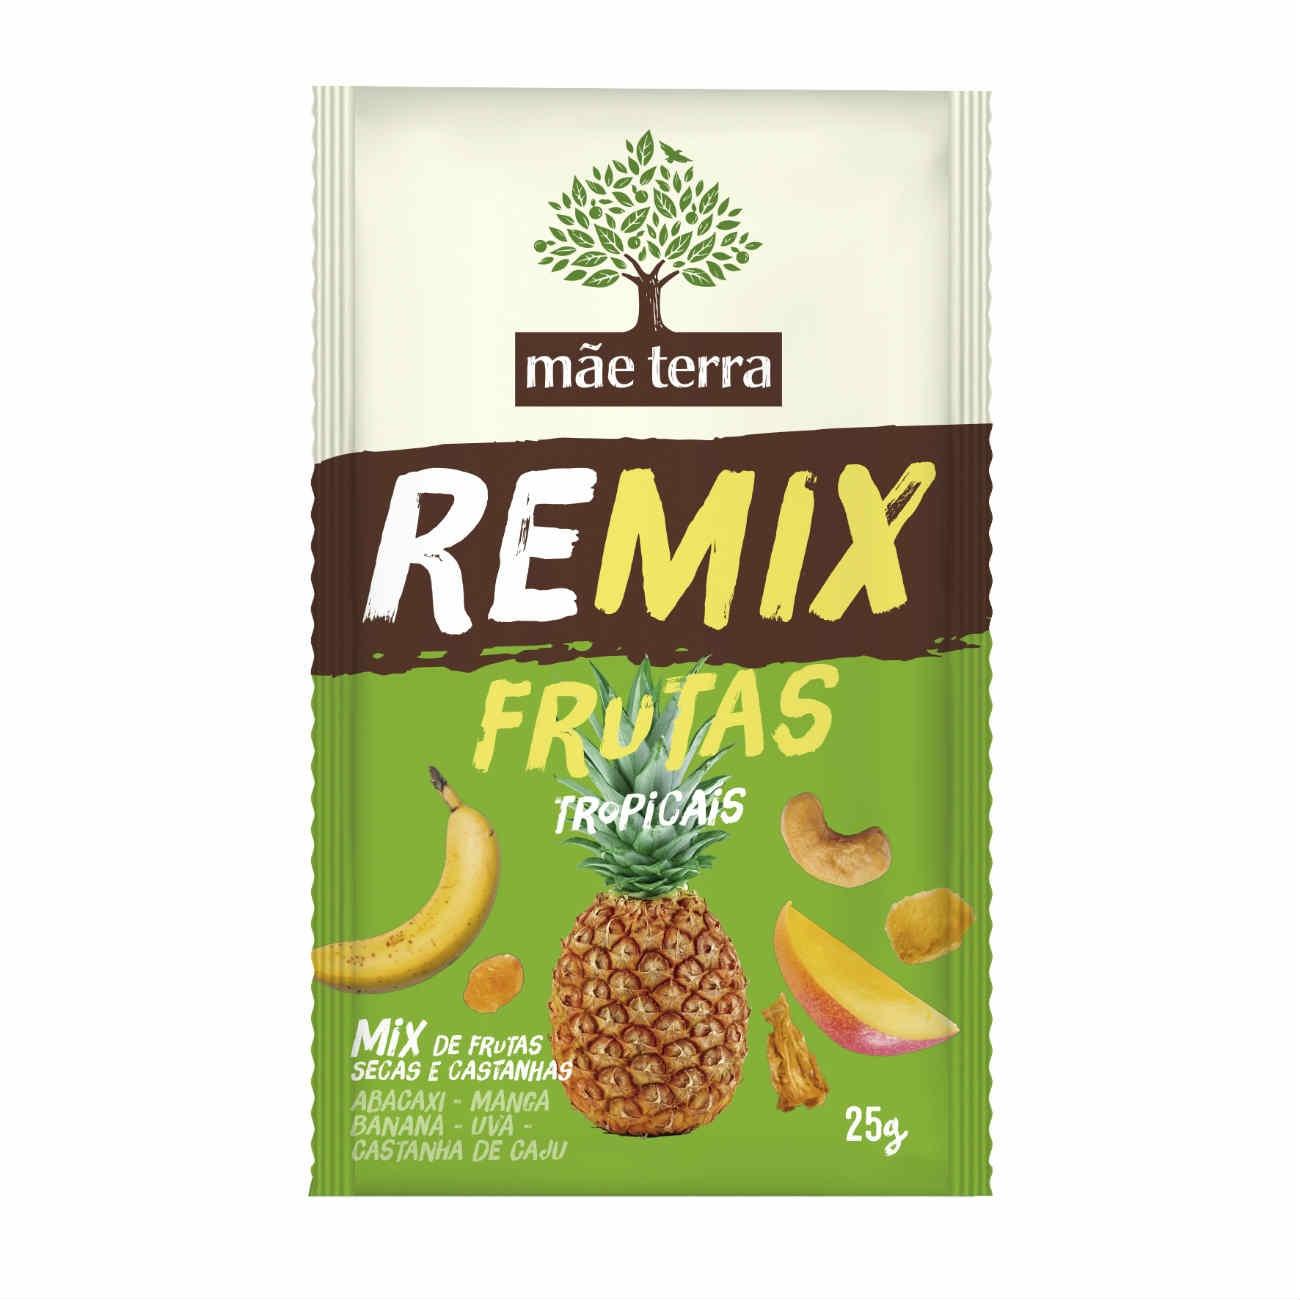 Remix Mãe Terra Frutas Tropicais 25g